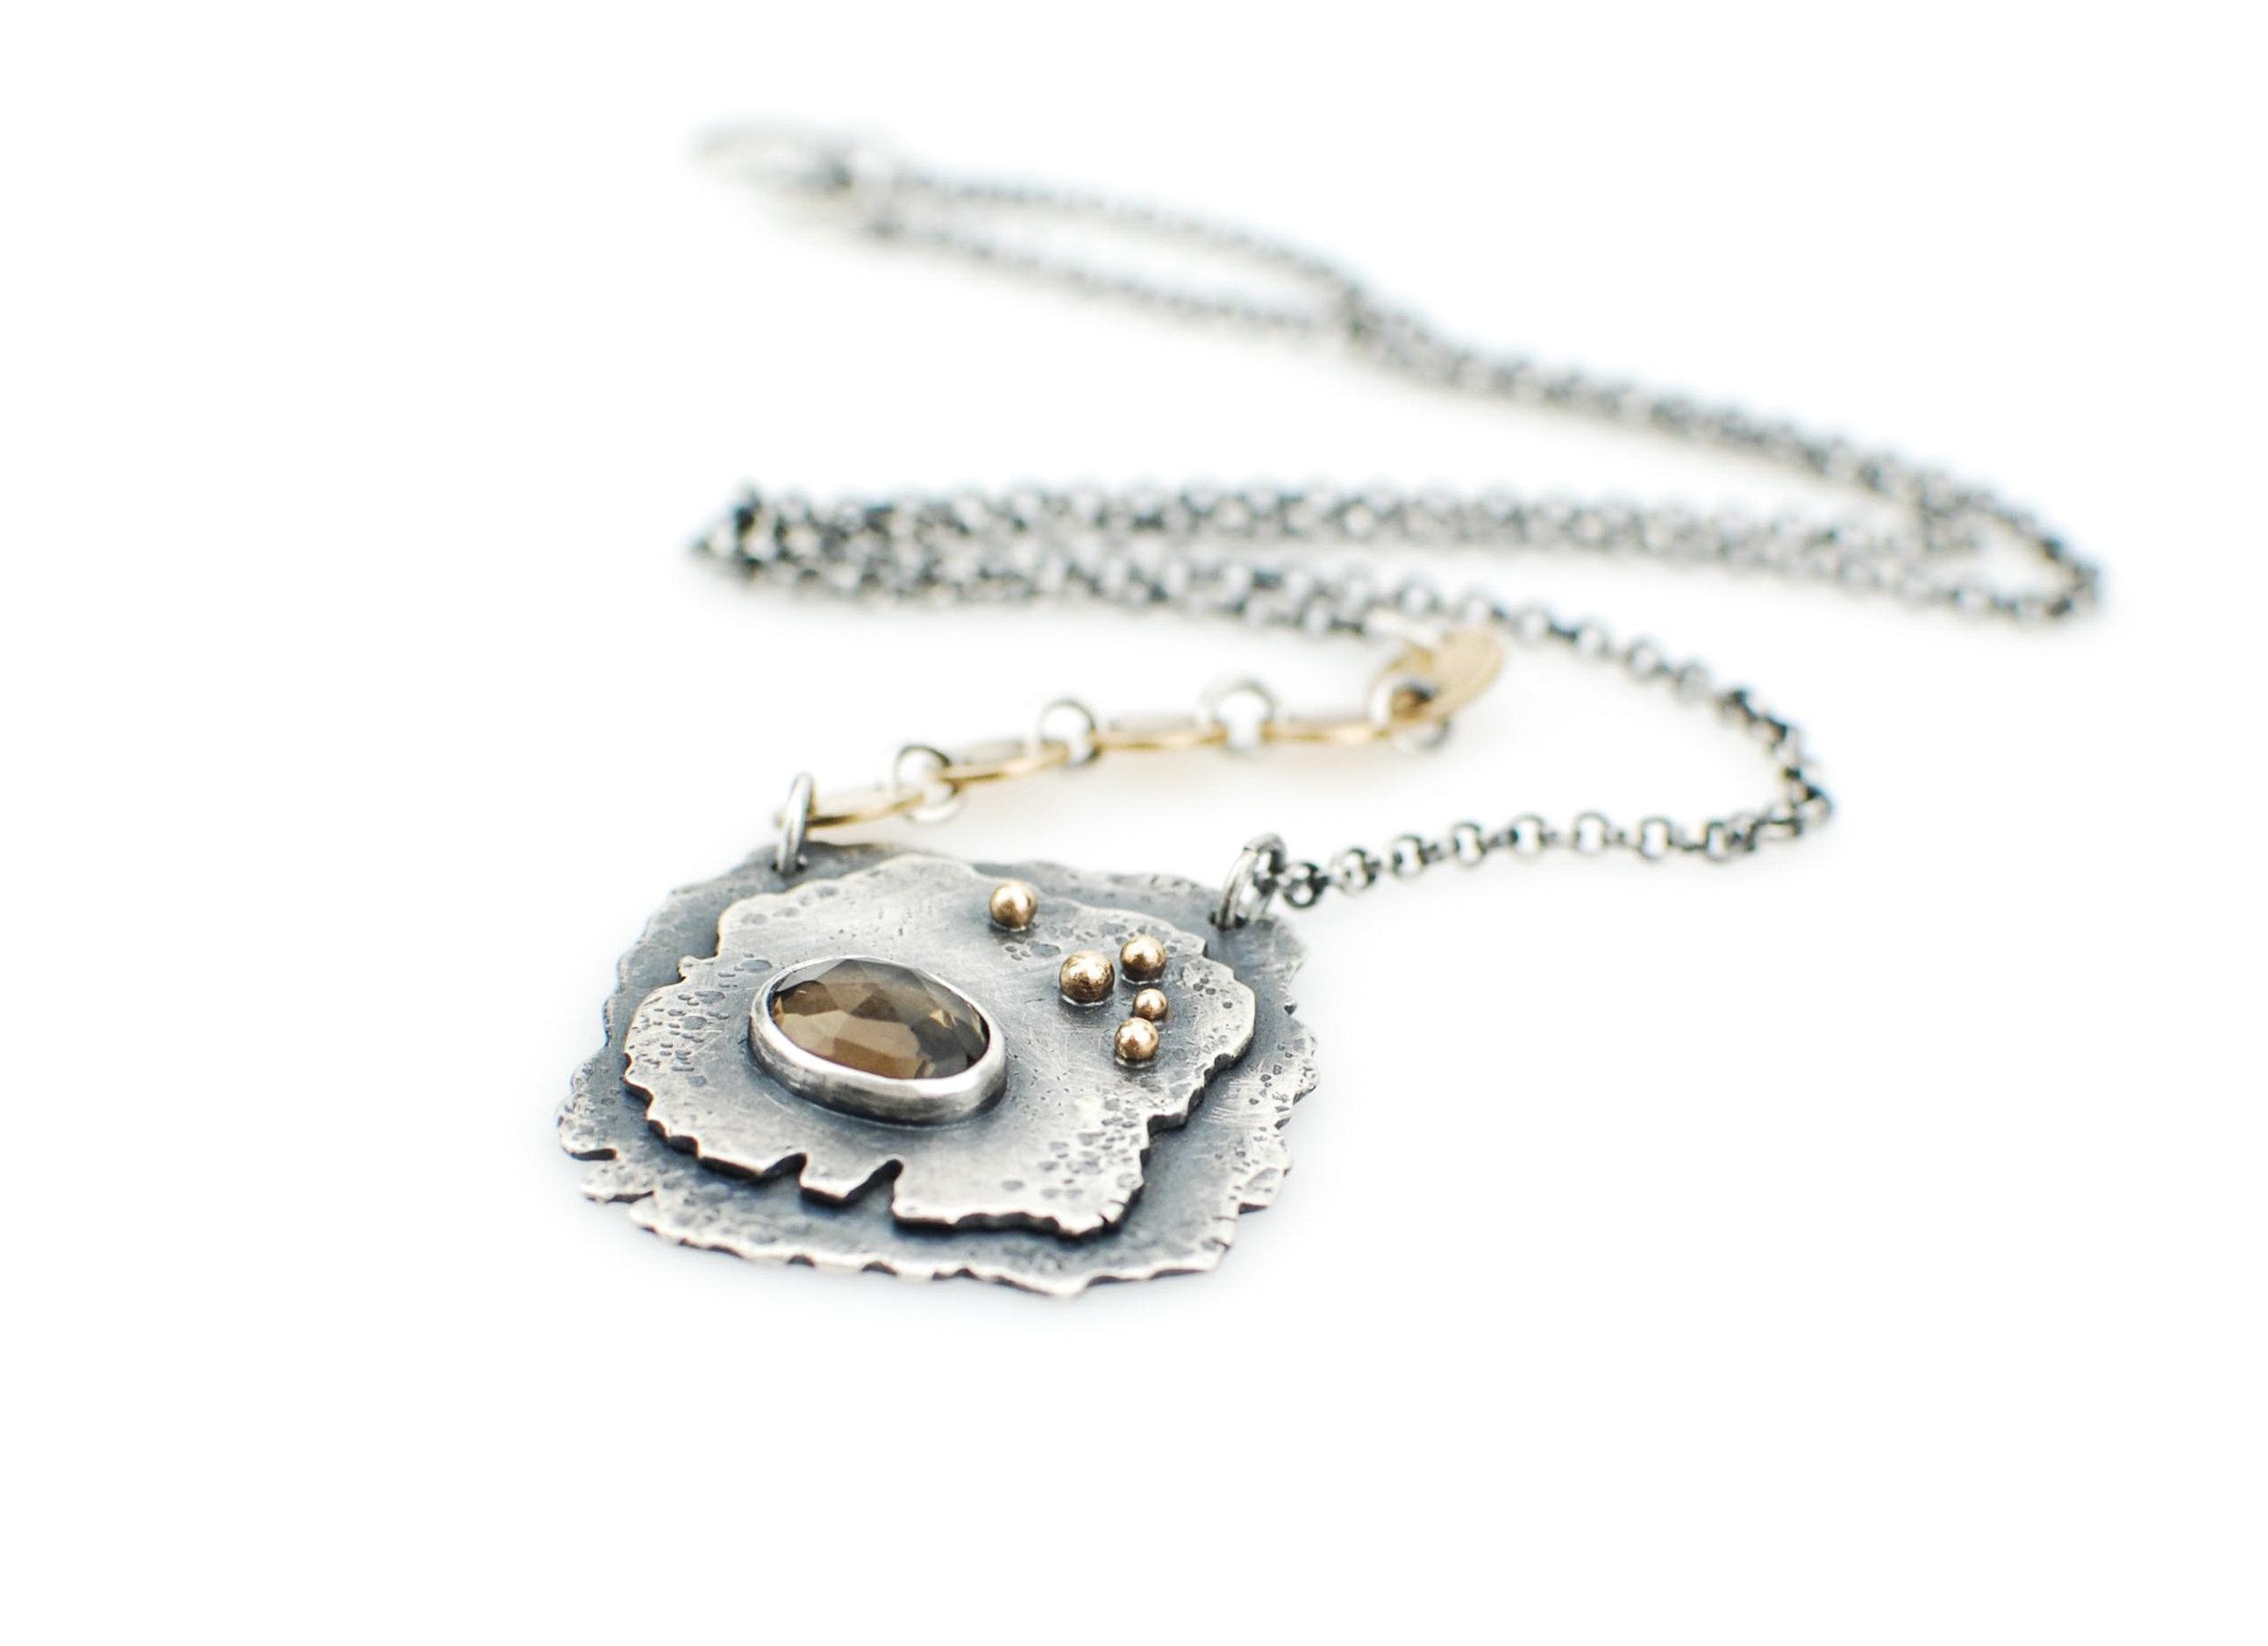 worn necklace1.jpg